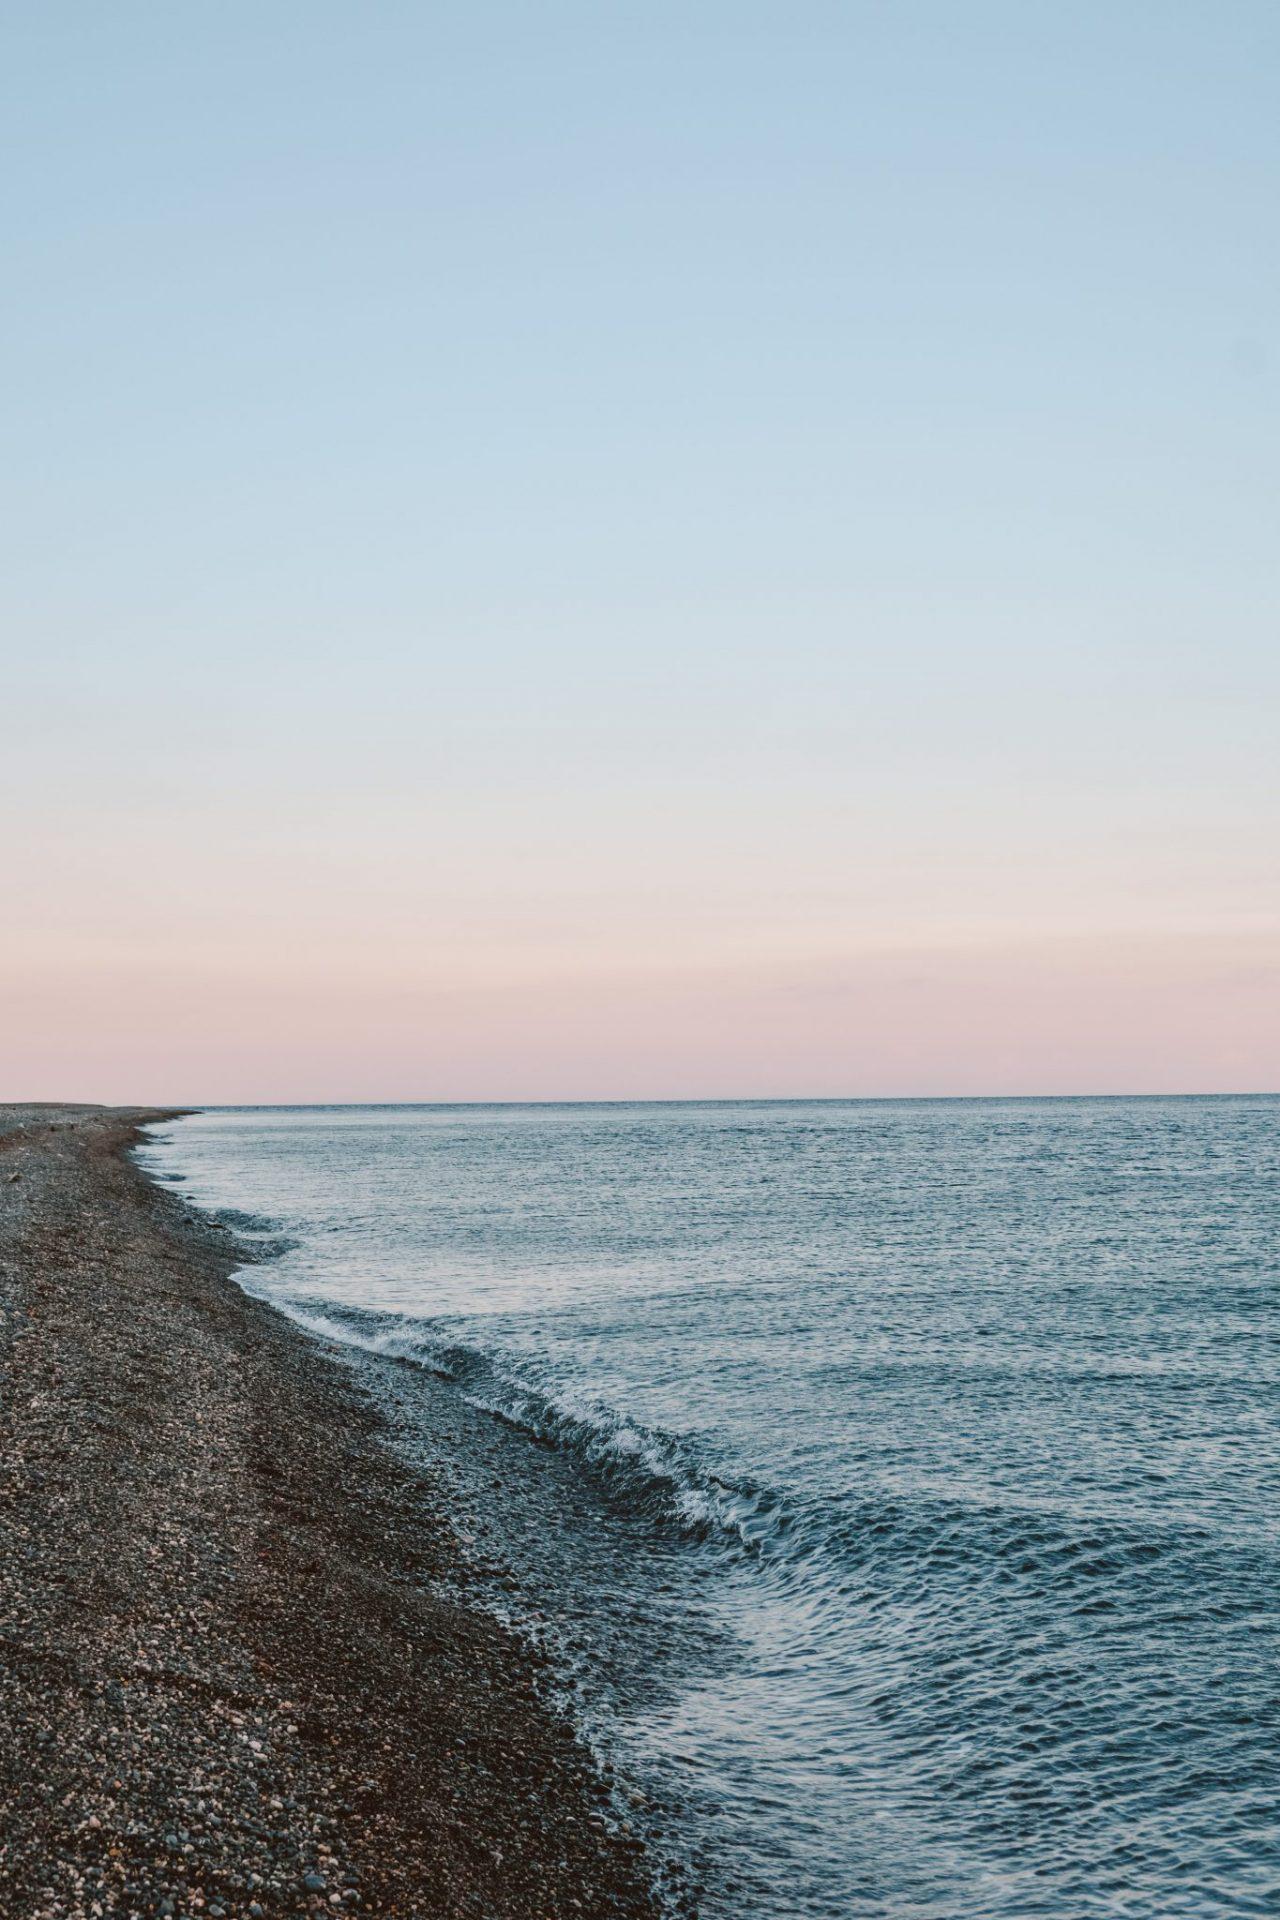 Kipos Beach, Samothraki